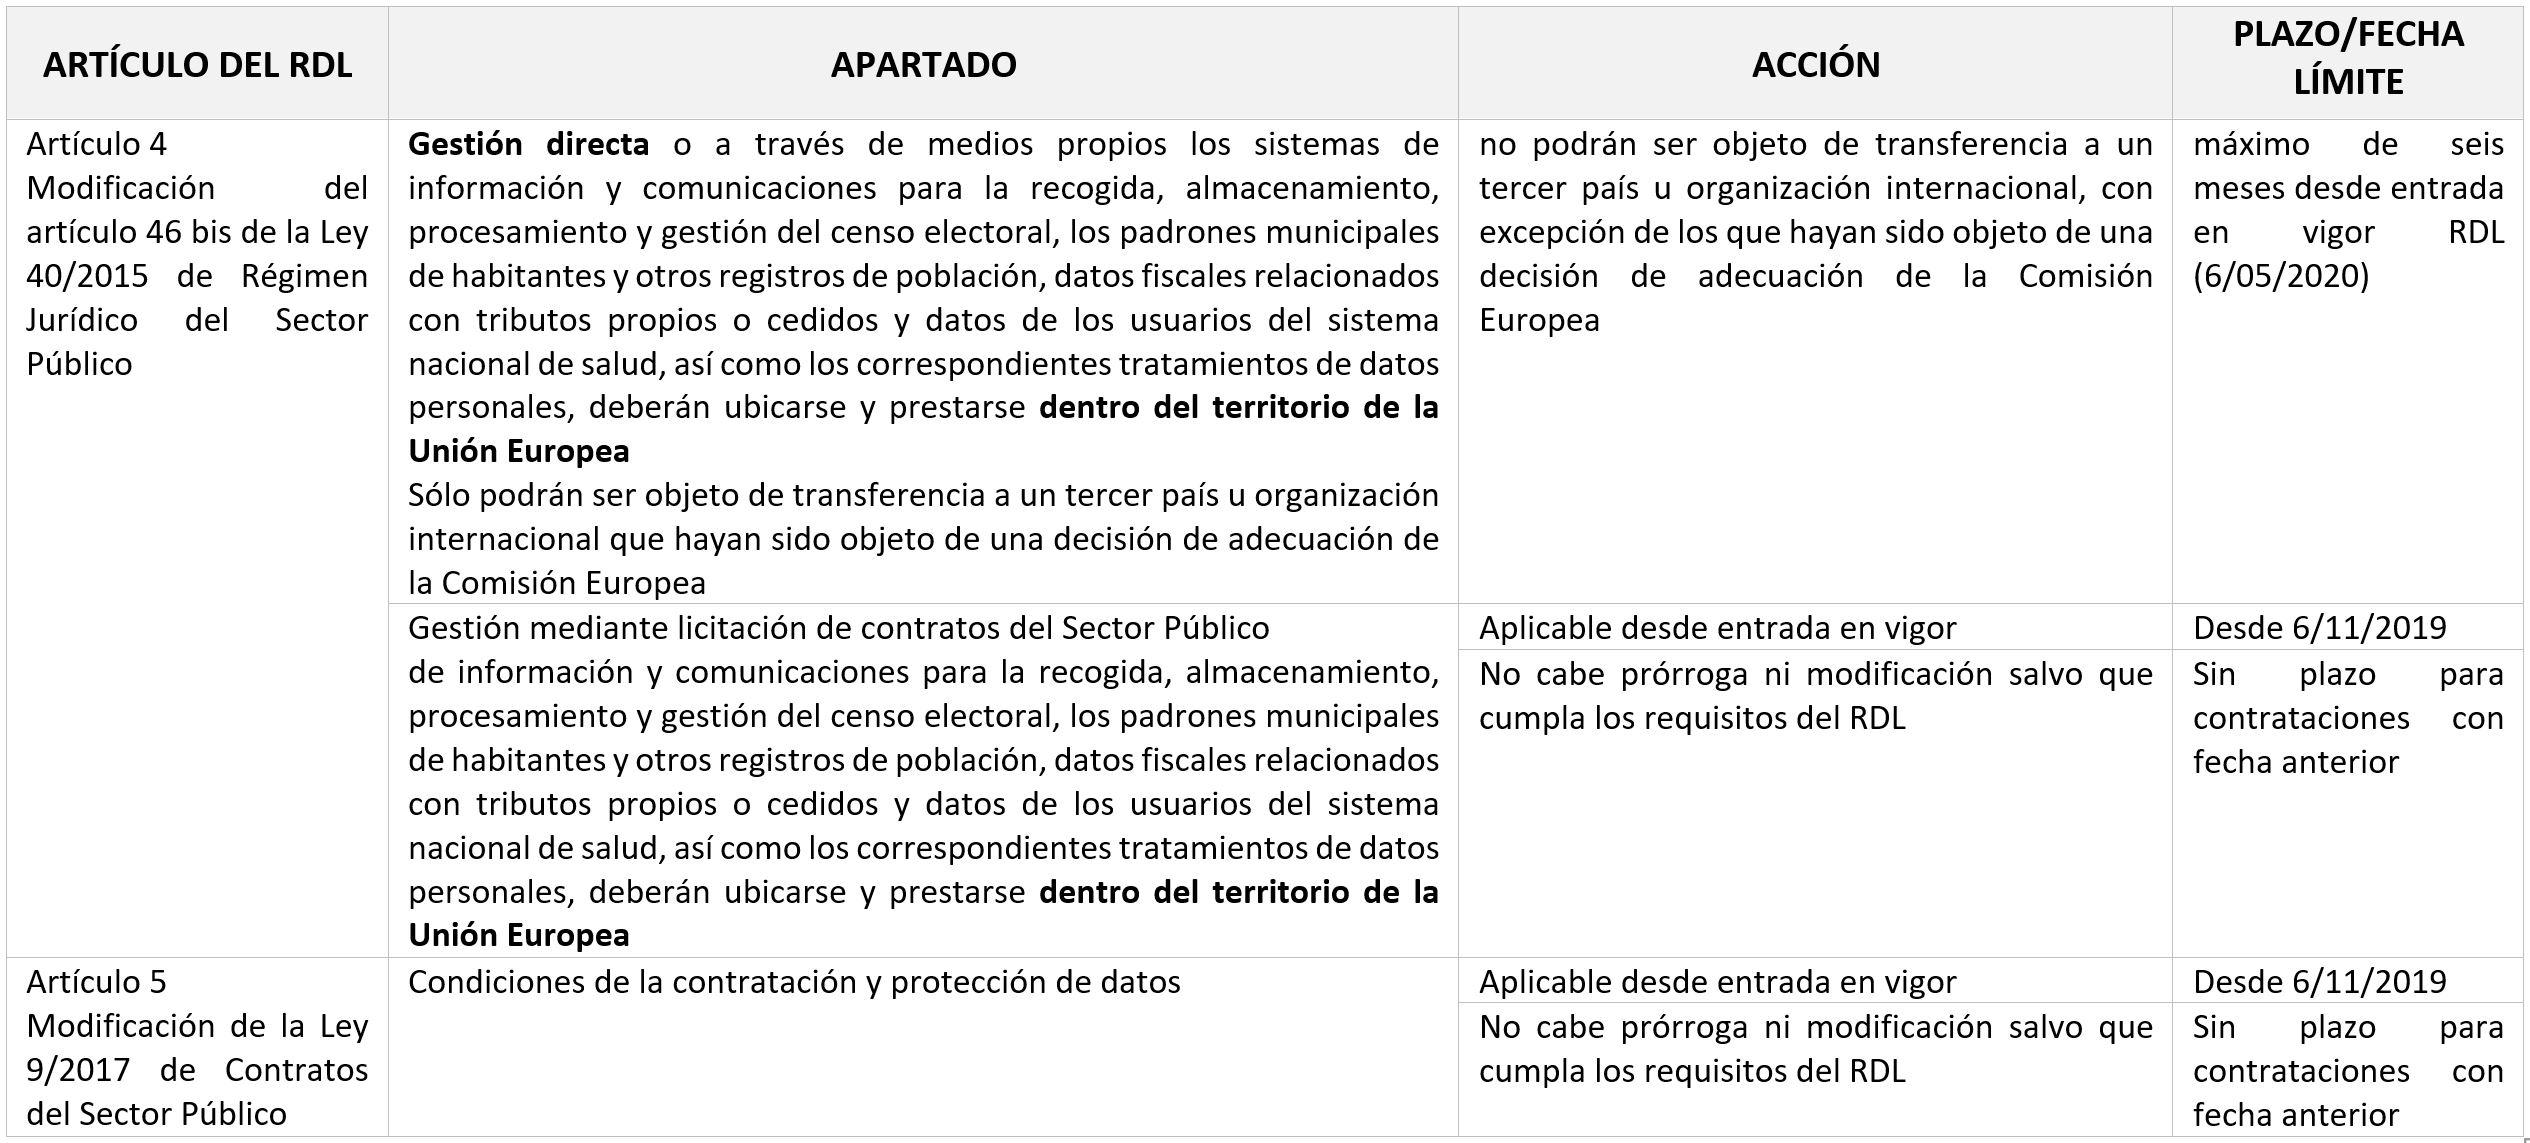 Arts 4-5